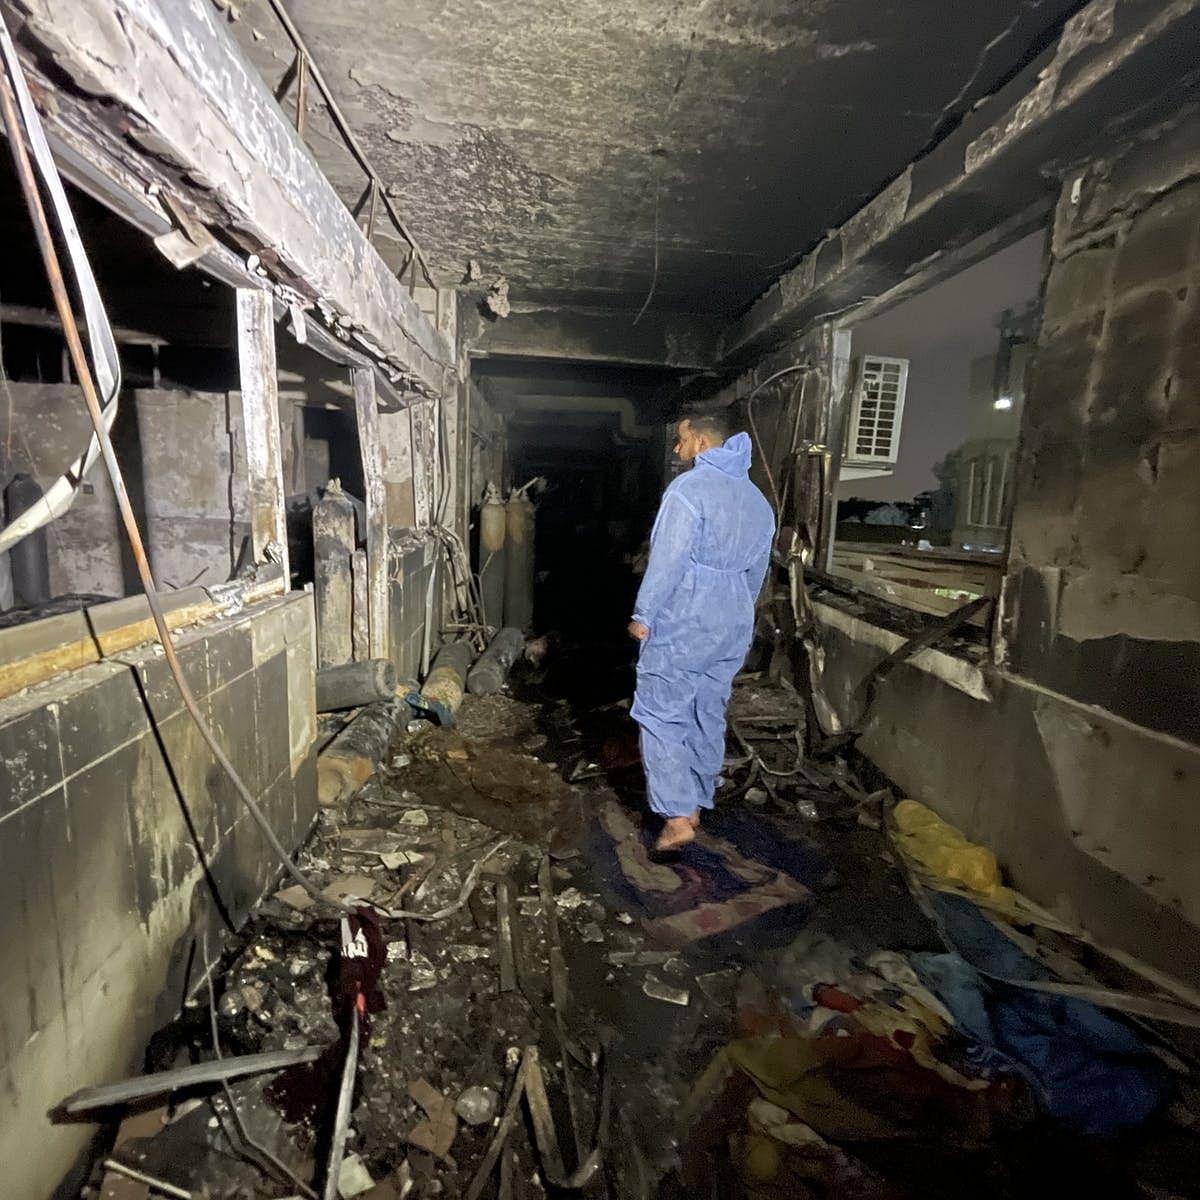 इराक में अस्पताल में आग लगने से मरने वालों की संख्या 64 हुई